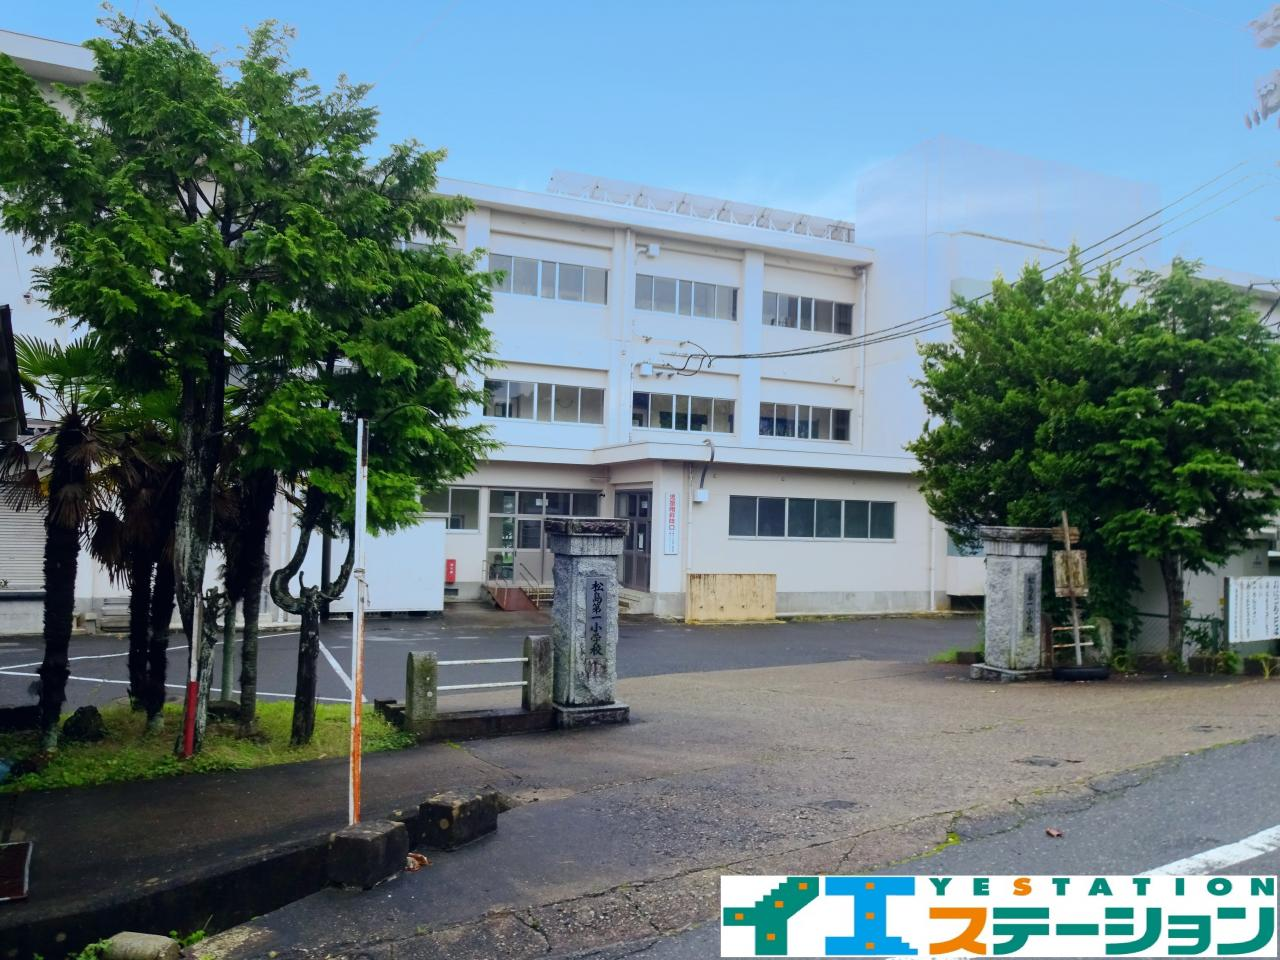 松島町立松島第一小学校